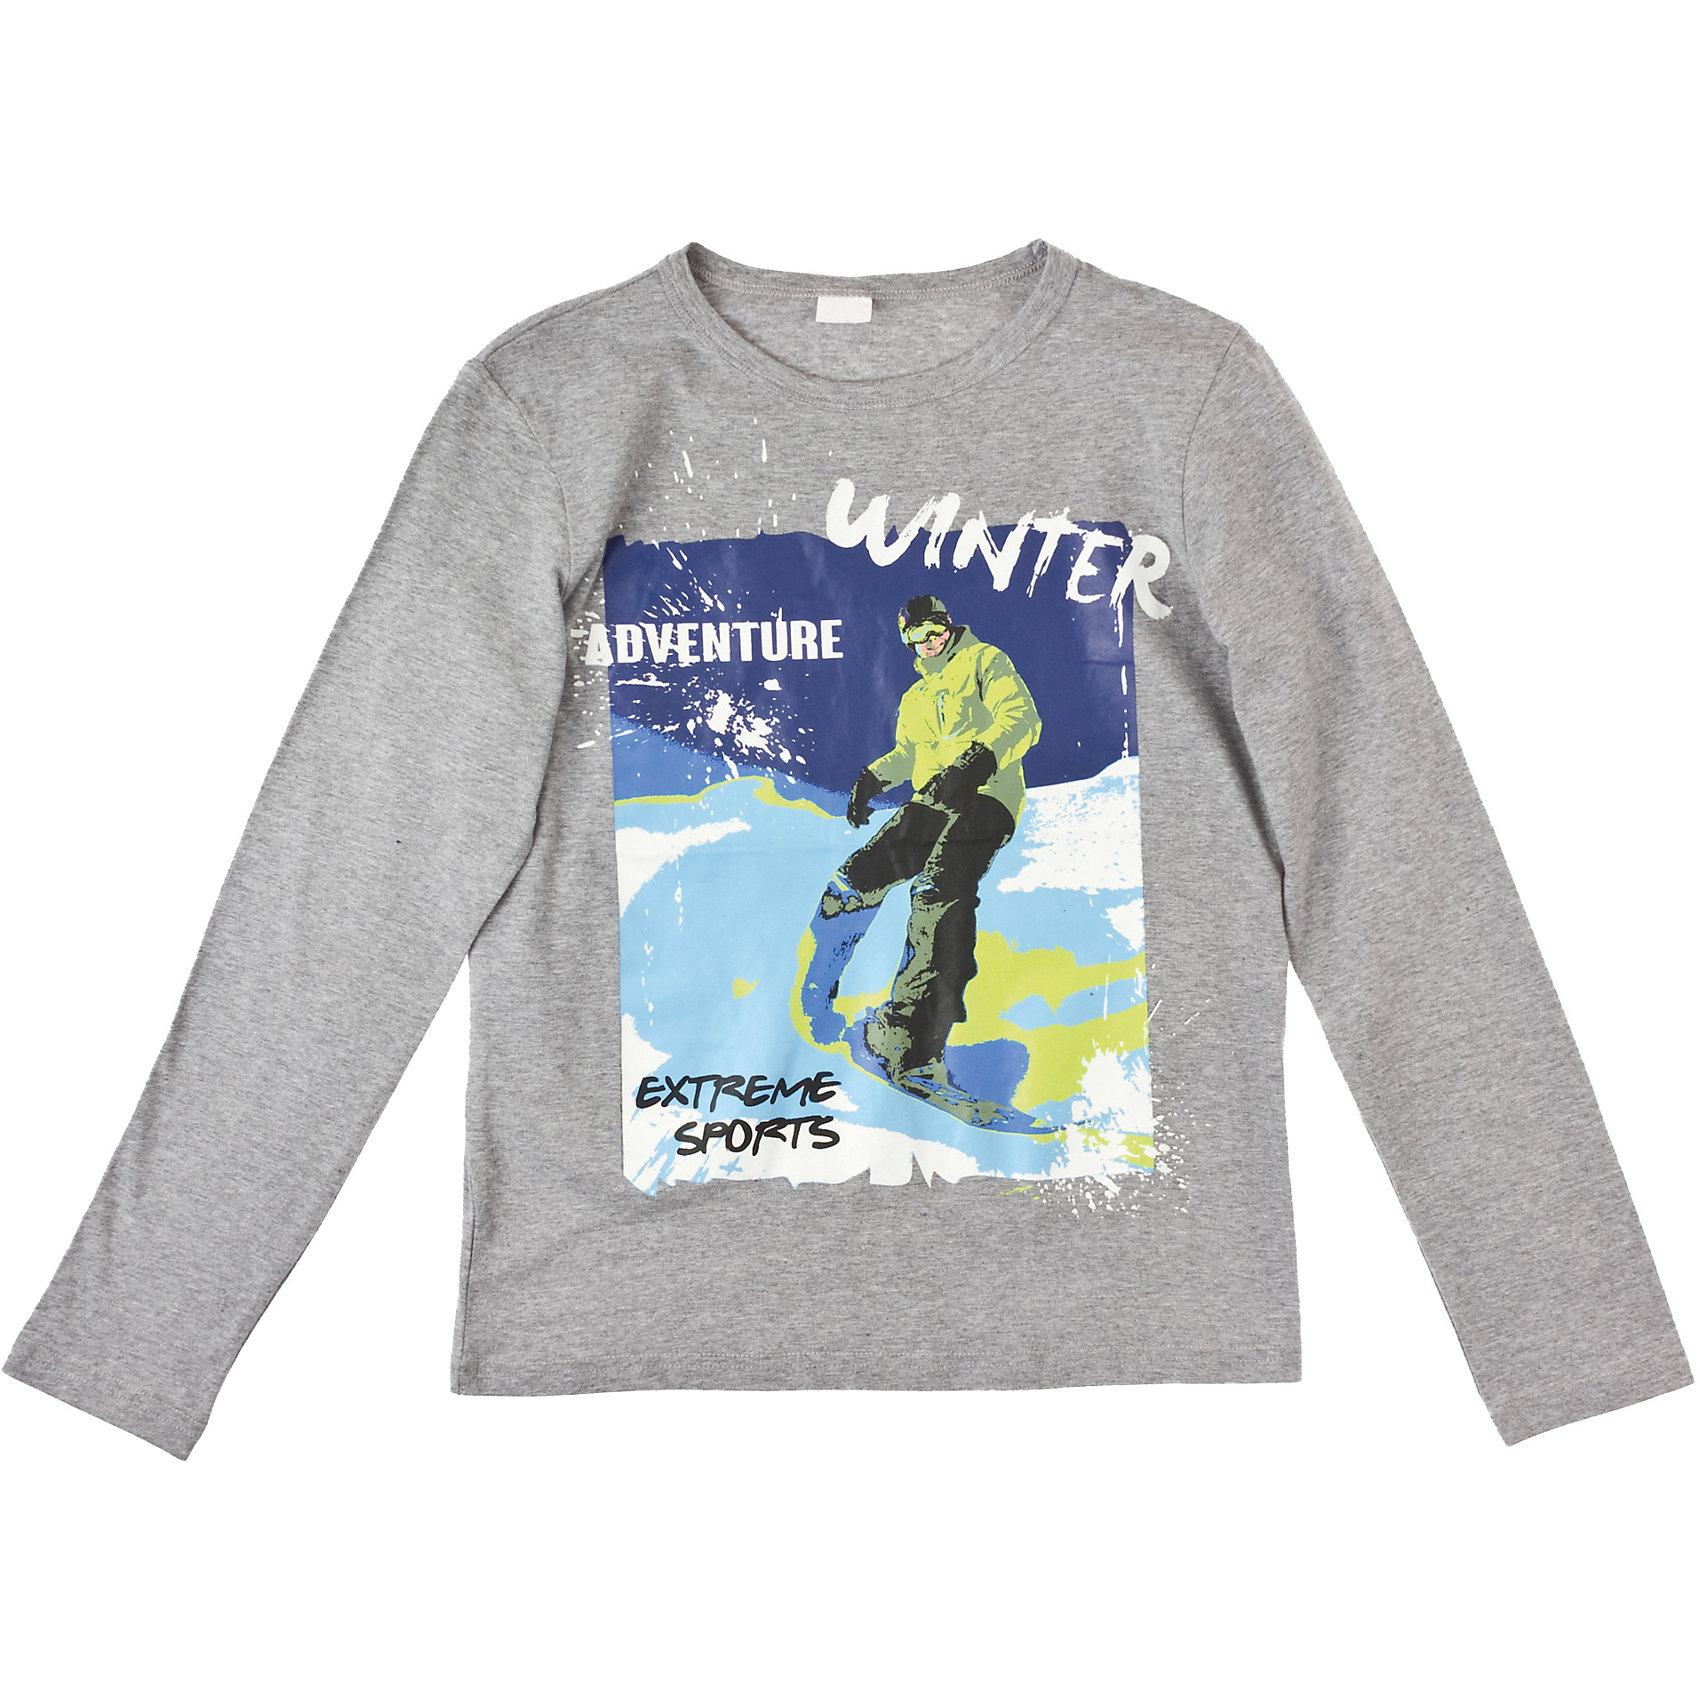 Футболка с длинным рукавом для мальчика ScoolФутболка для мальчика Scool Хлопковая футболка с длинными рукавами. Крупный принт со сноубордистом. Состав: 95% хлопок, 5% эластан<br><br>Ширина мм: 199<br>Глубина мм: 10<br>Высота мм: 161<br>Вес г: 151<br>Цвет: разноцветный<br>Возраст от месяцев: 132<br>Возраст до месяцев: 144<br>Пол: Мужской<br>Возраст: Детский<br>Размер: 152,146,164,134,140,158<br>SKU: 4228219